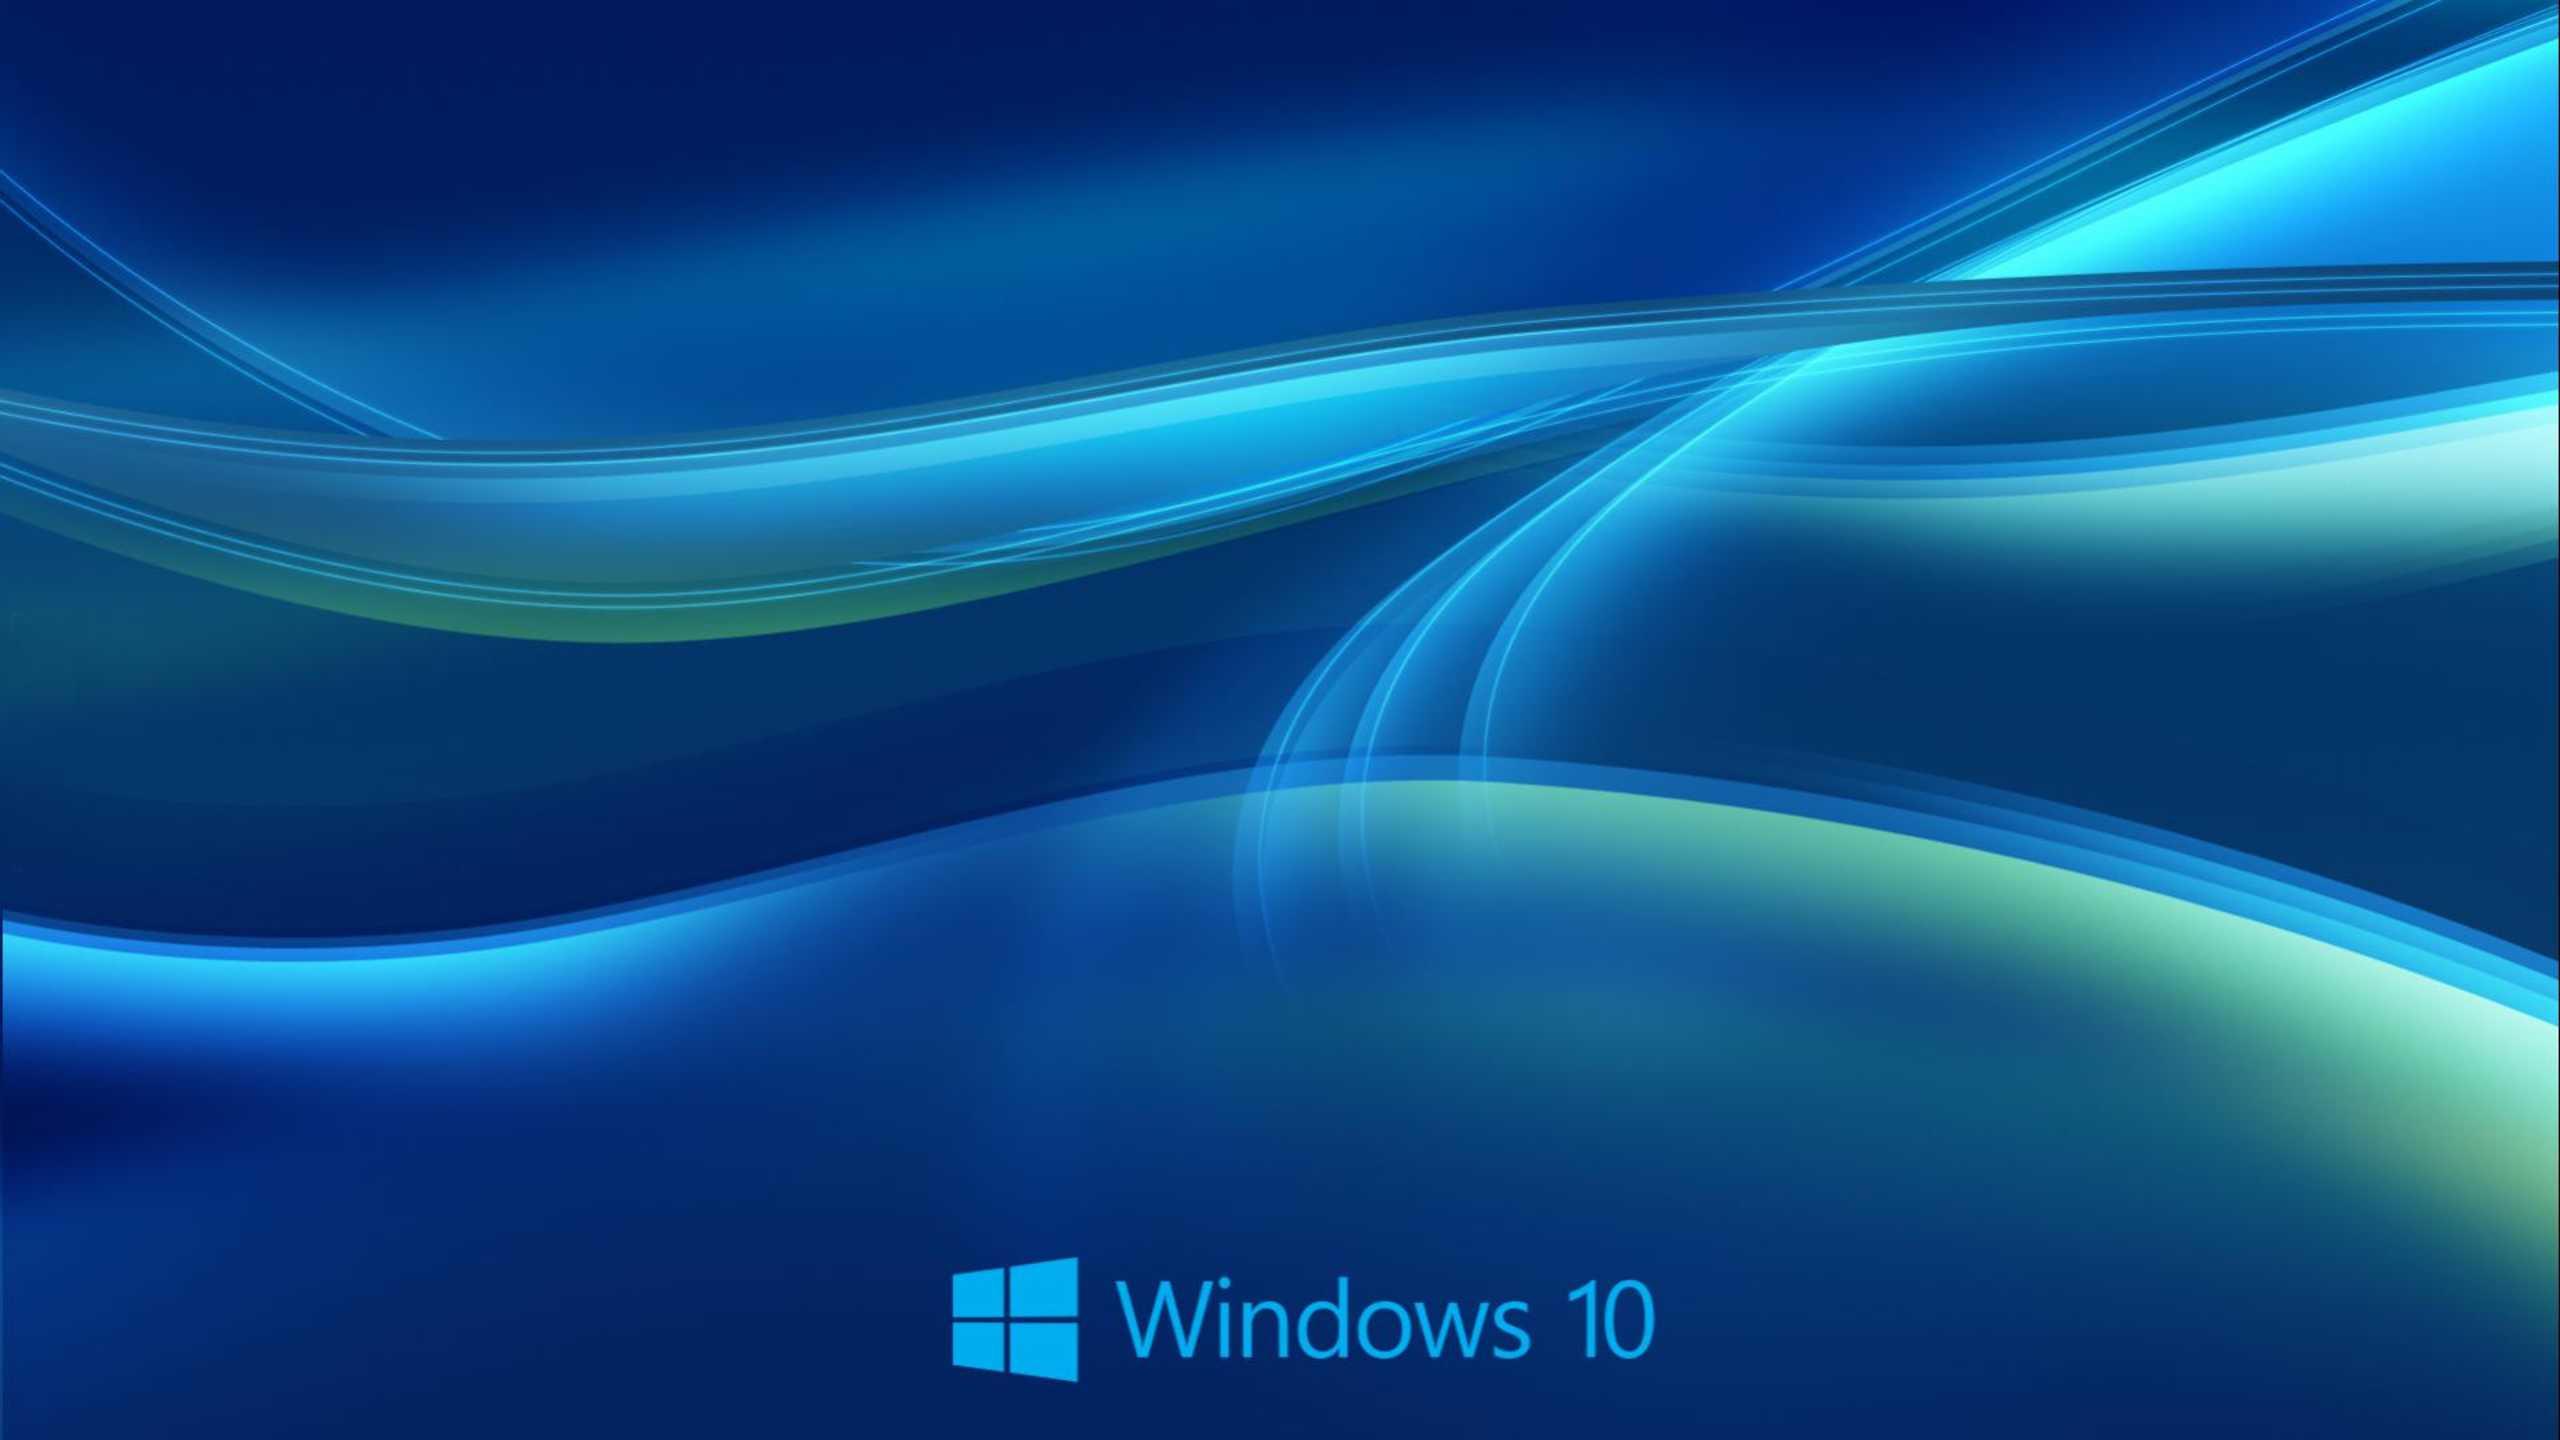 HD blue lines   Beautiful windows 10 wallpaper 2560x1440 Download 2560x1440